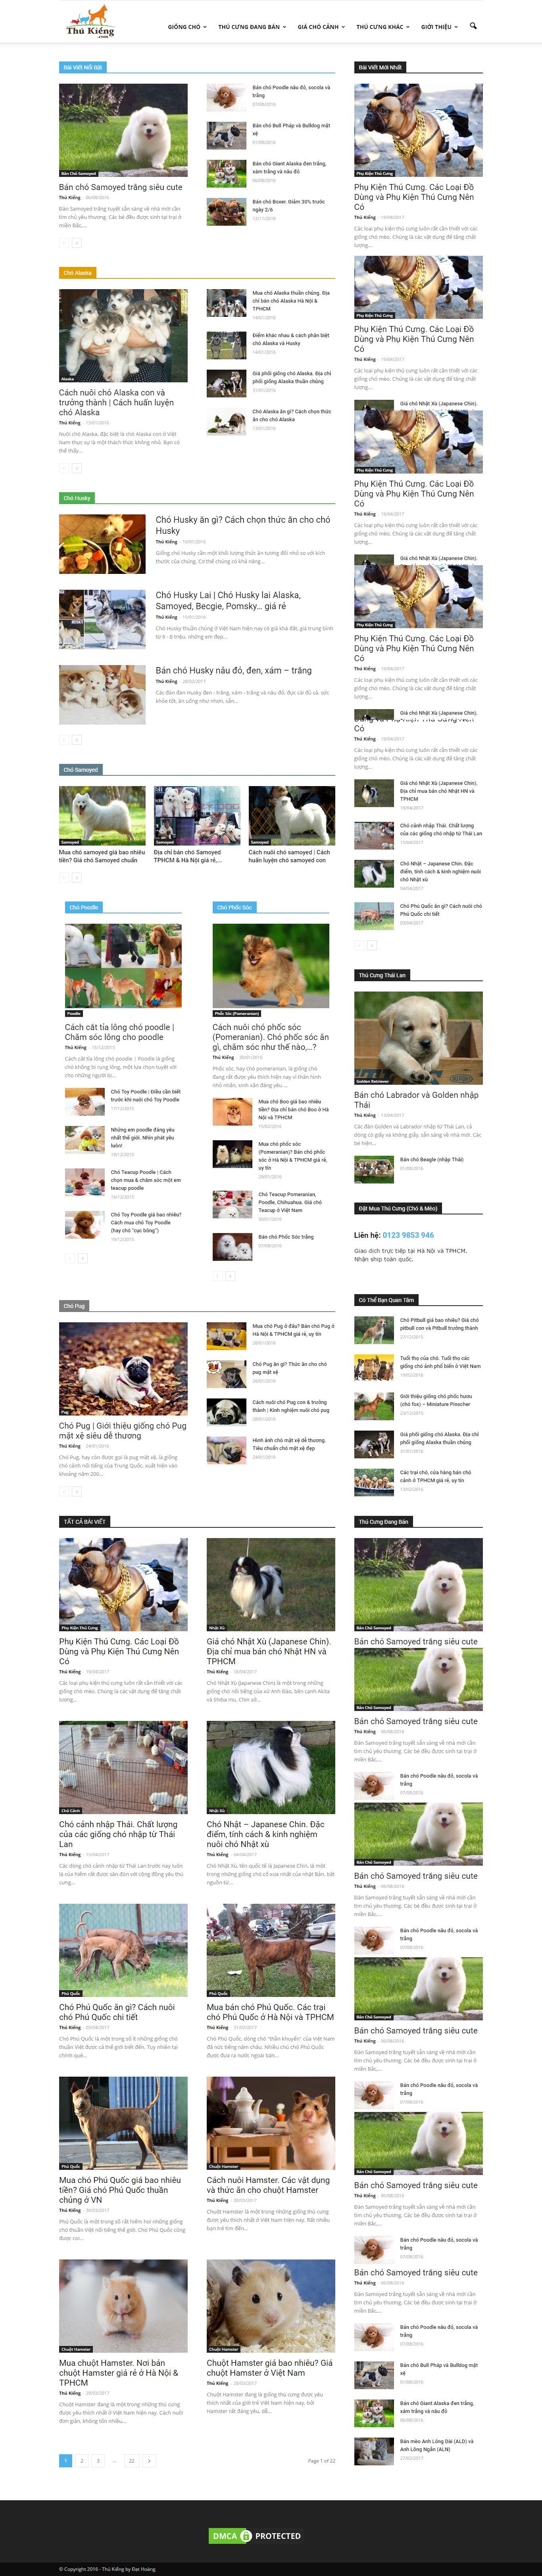 Thiết kế website thú kiểng đẹp, chuyên nghiệp chuẩn SEO